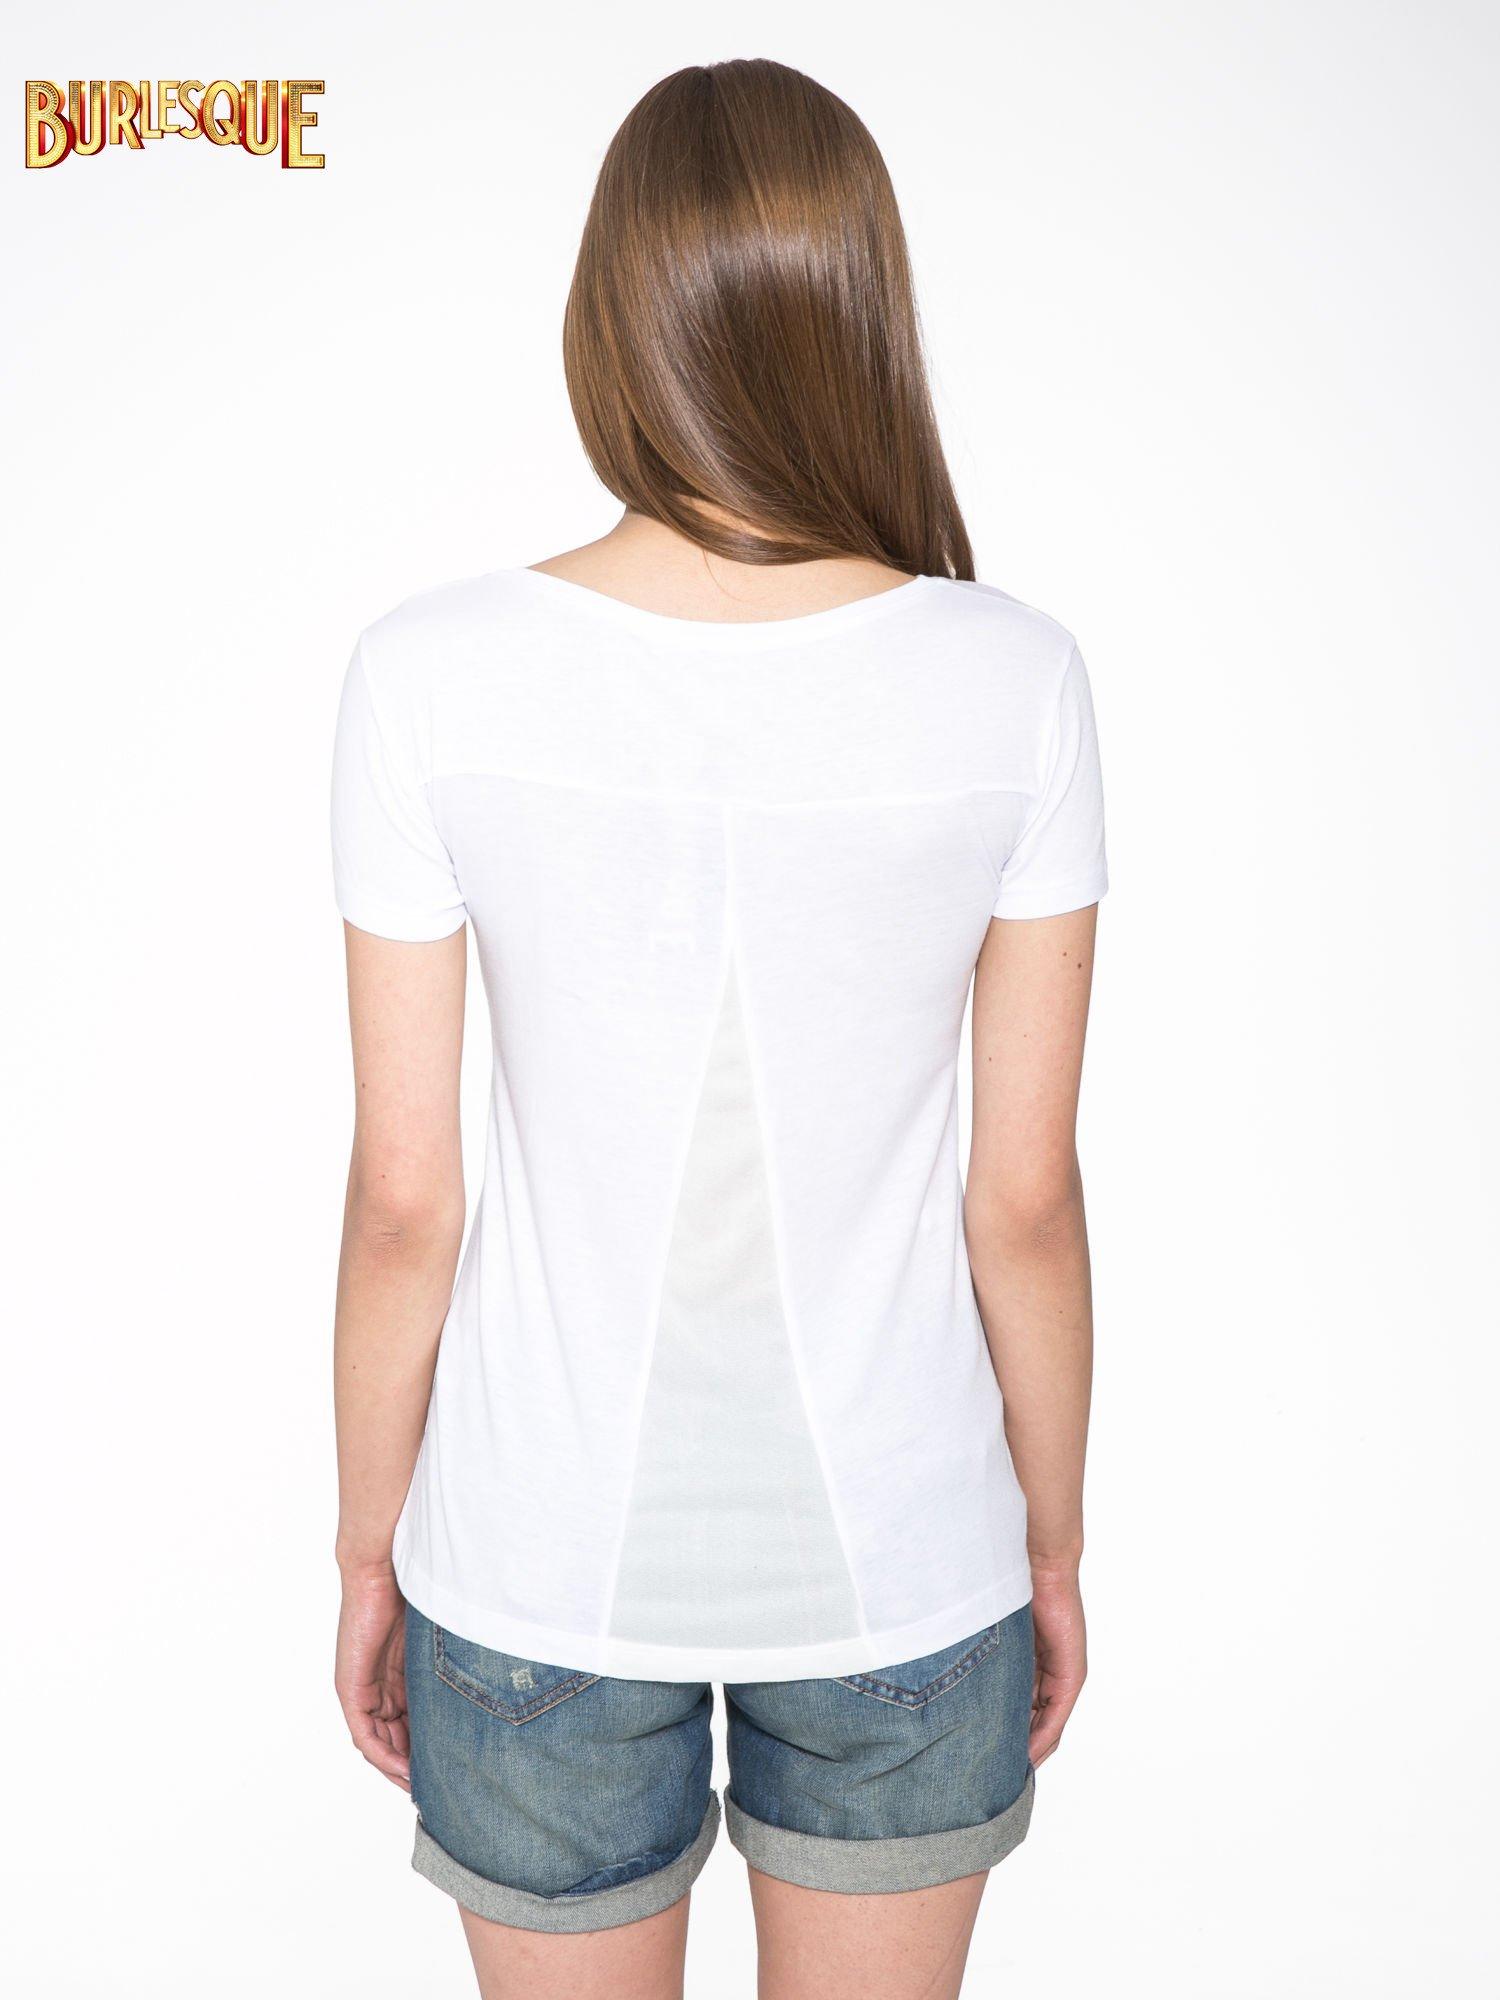 Biały t-shirt z fotografiami miast                                  zdj.                                  4